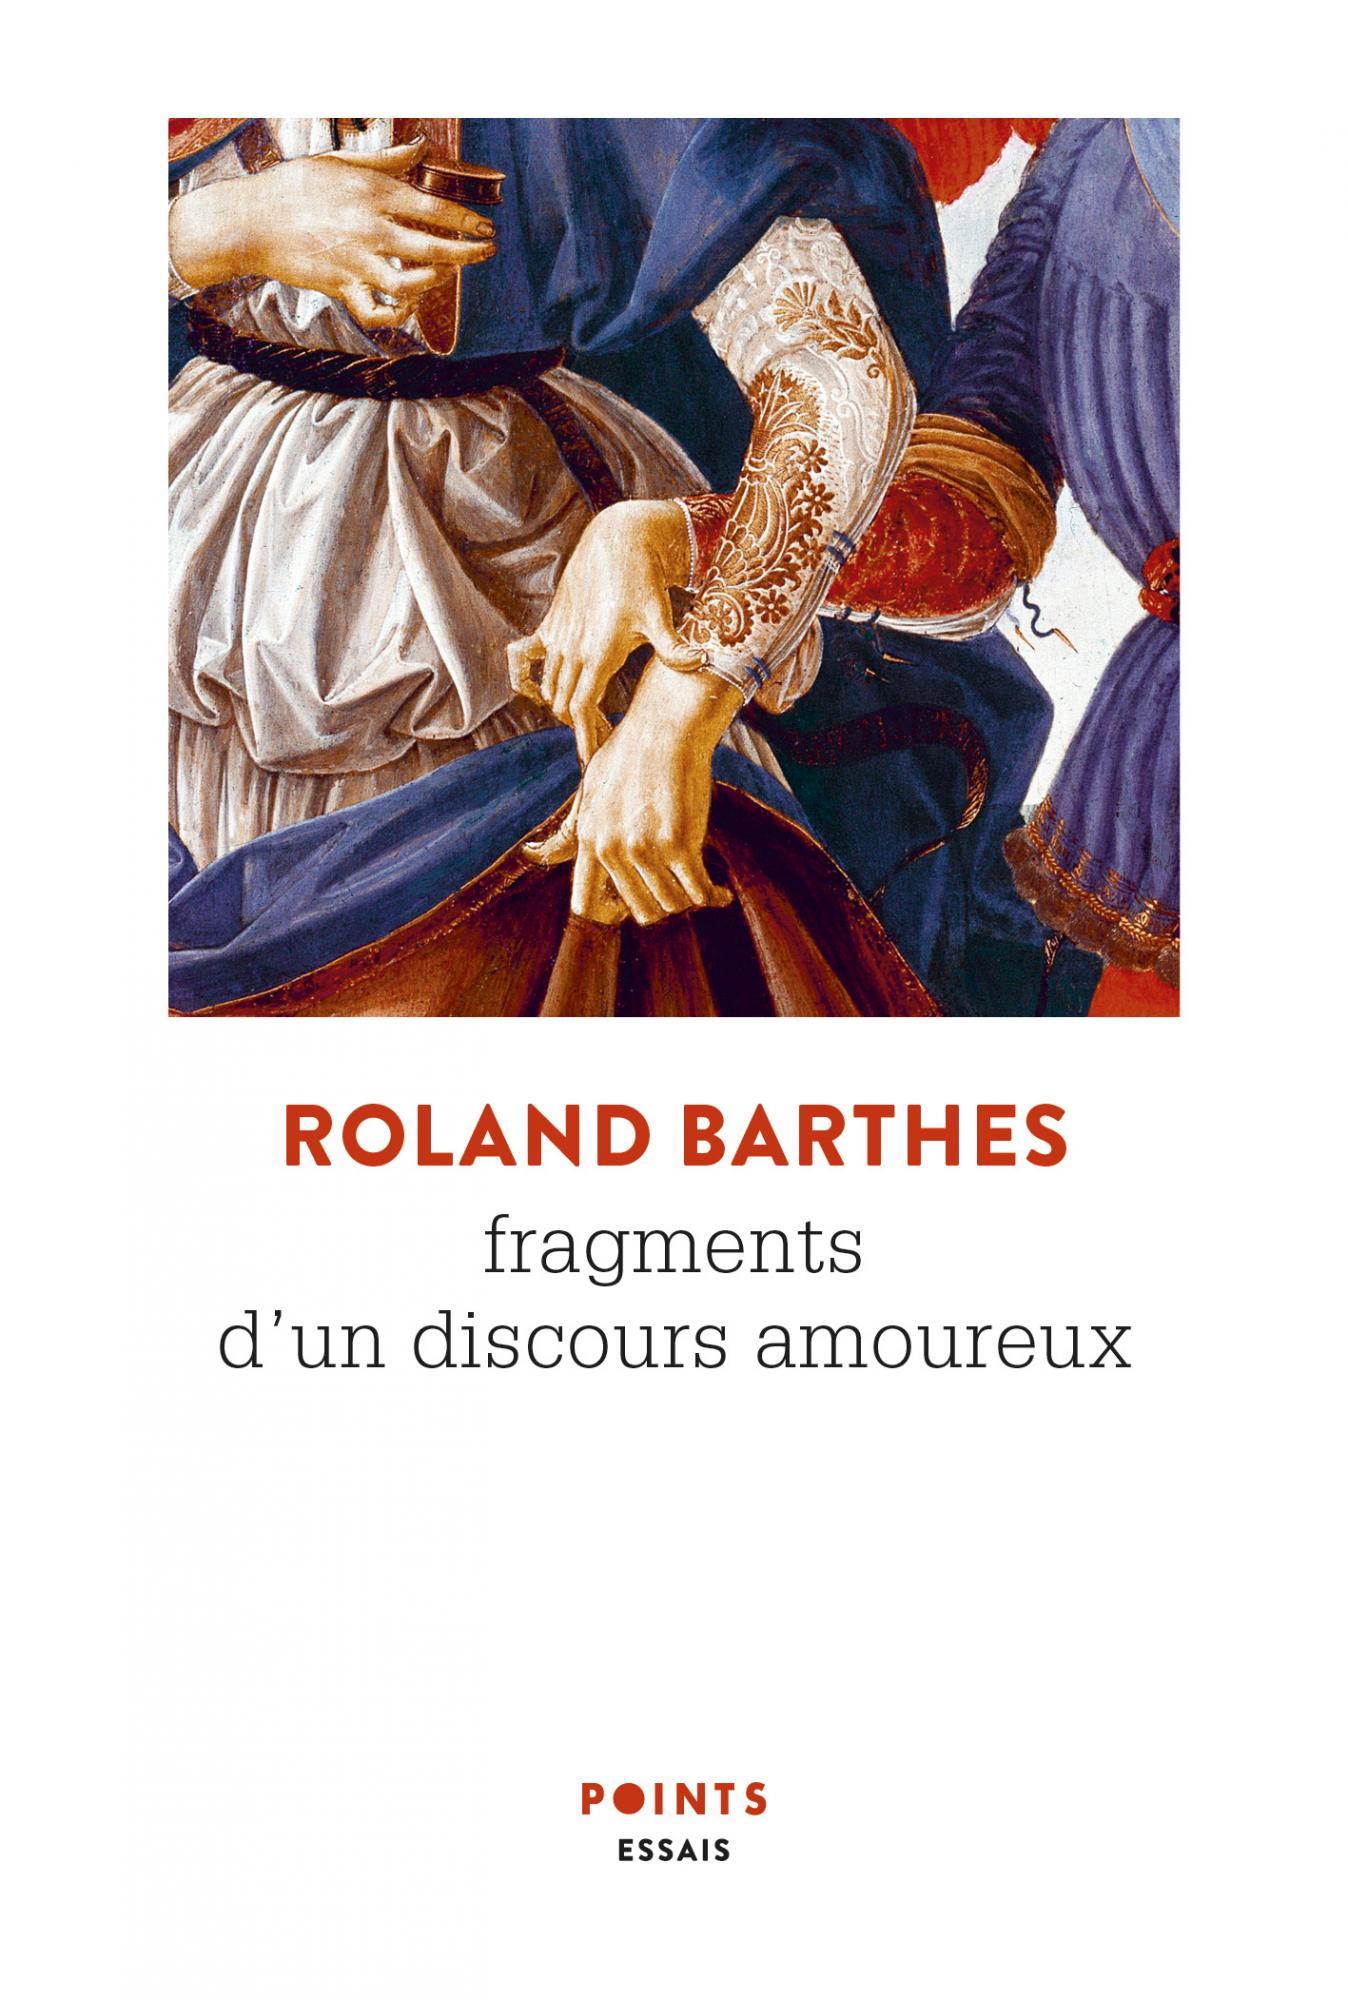 Roland Barthes, un guide sans message. Autour de l'édition en poche de Fragments d'un discours amoureux (Bordeaux, Librairie Mollat)